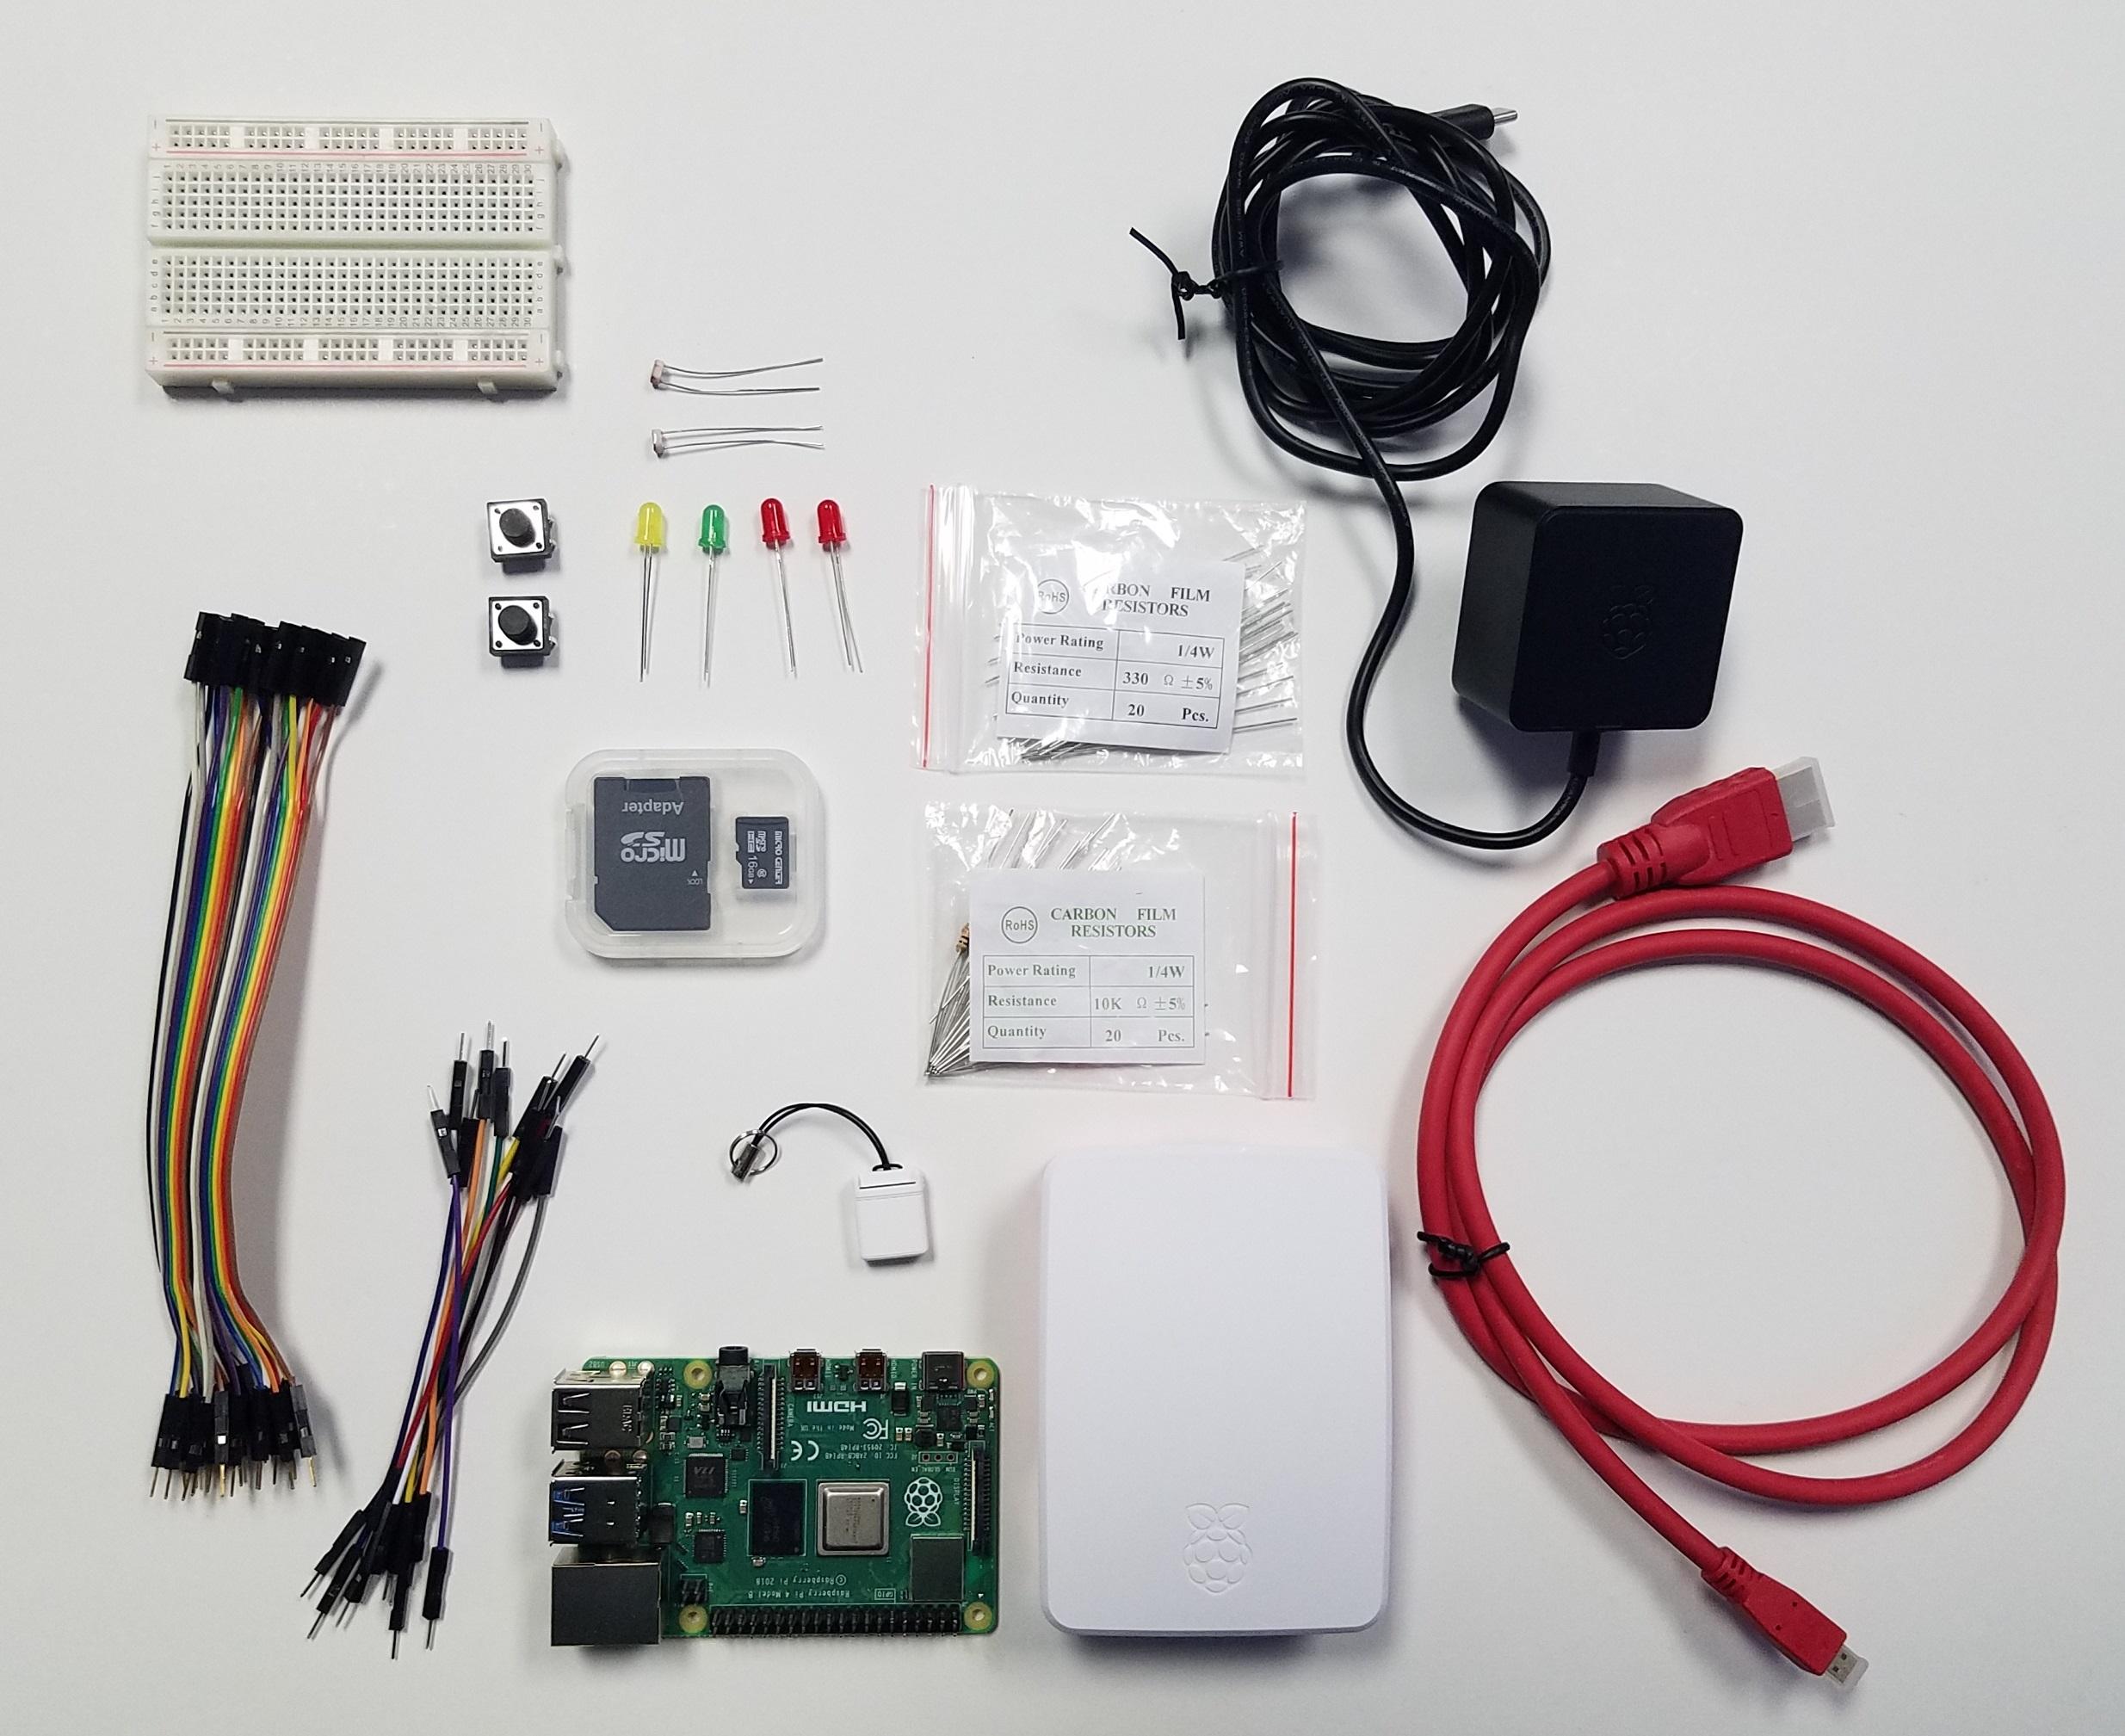 Zagros Raspberry Pi 4 B Basic Starter Kit